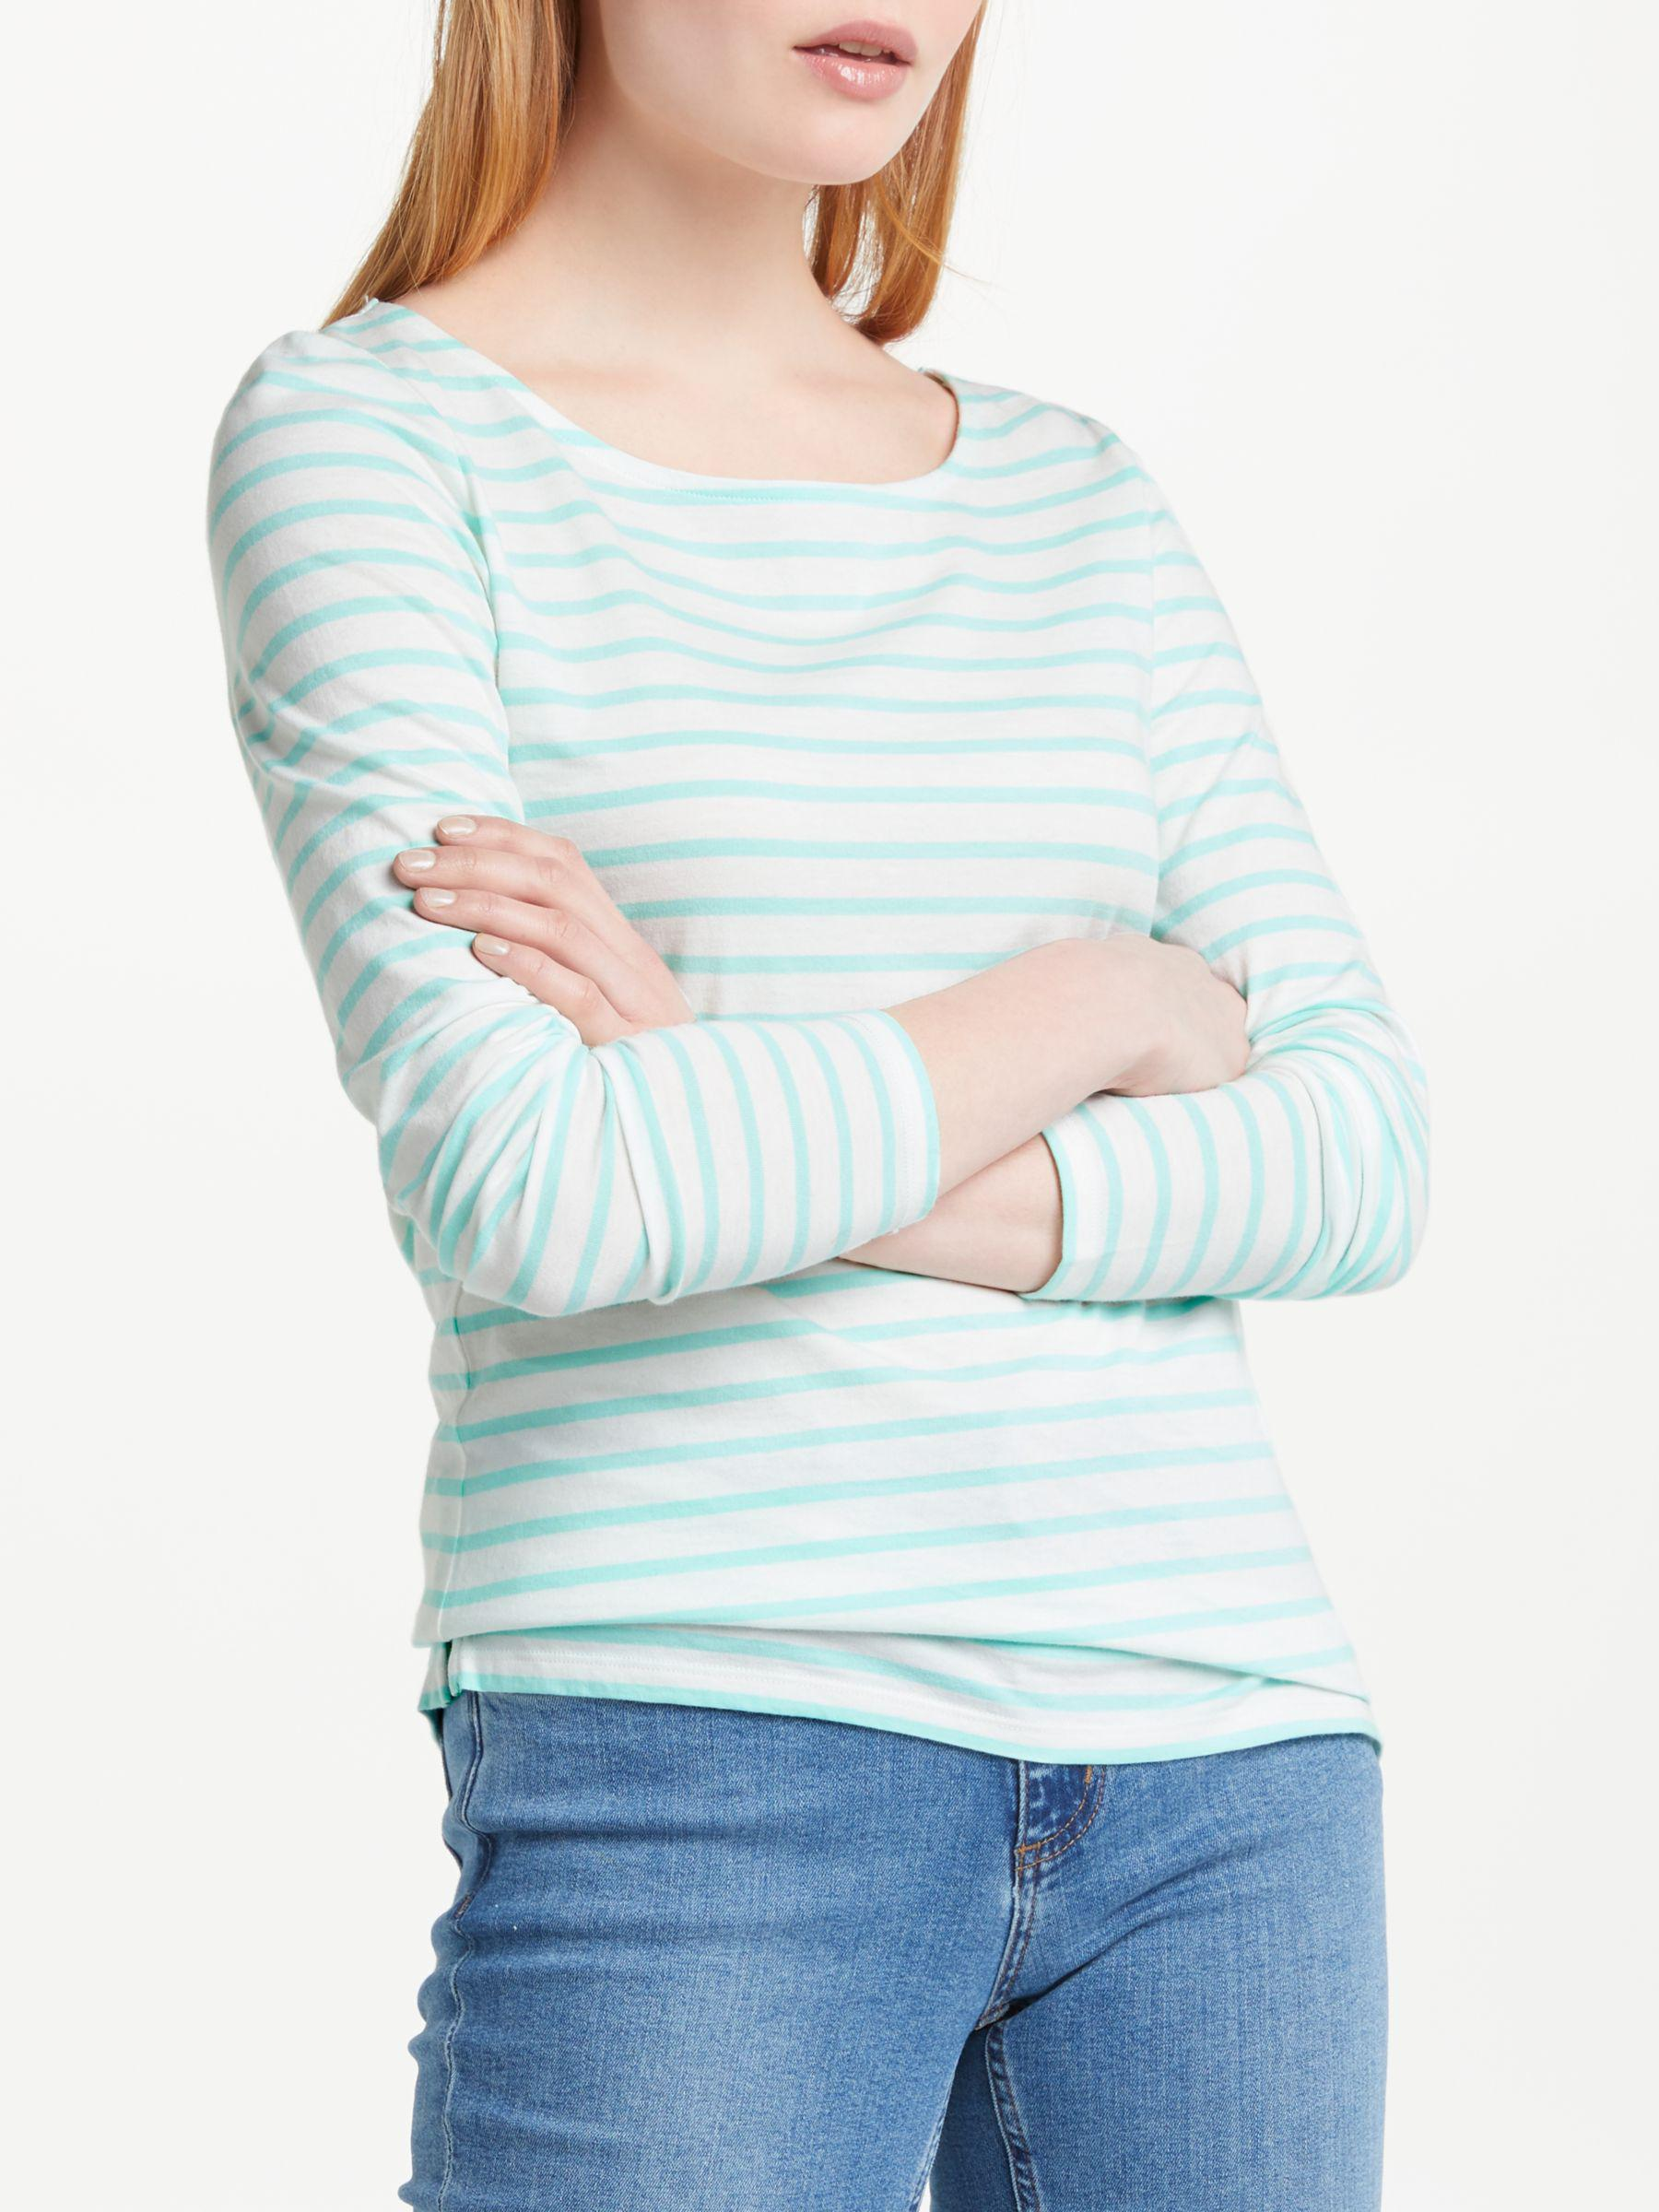 170d52ef62 Boden Long Sleeve Breton Top in Blue - Lyst